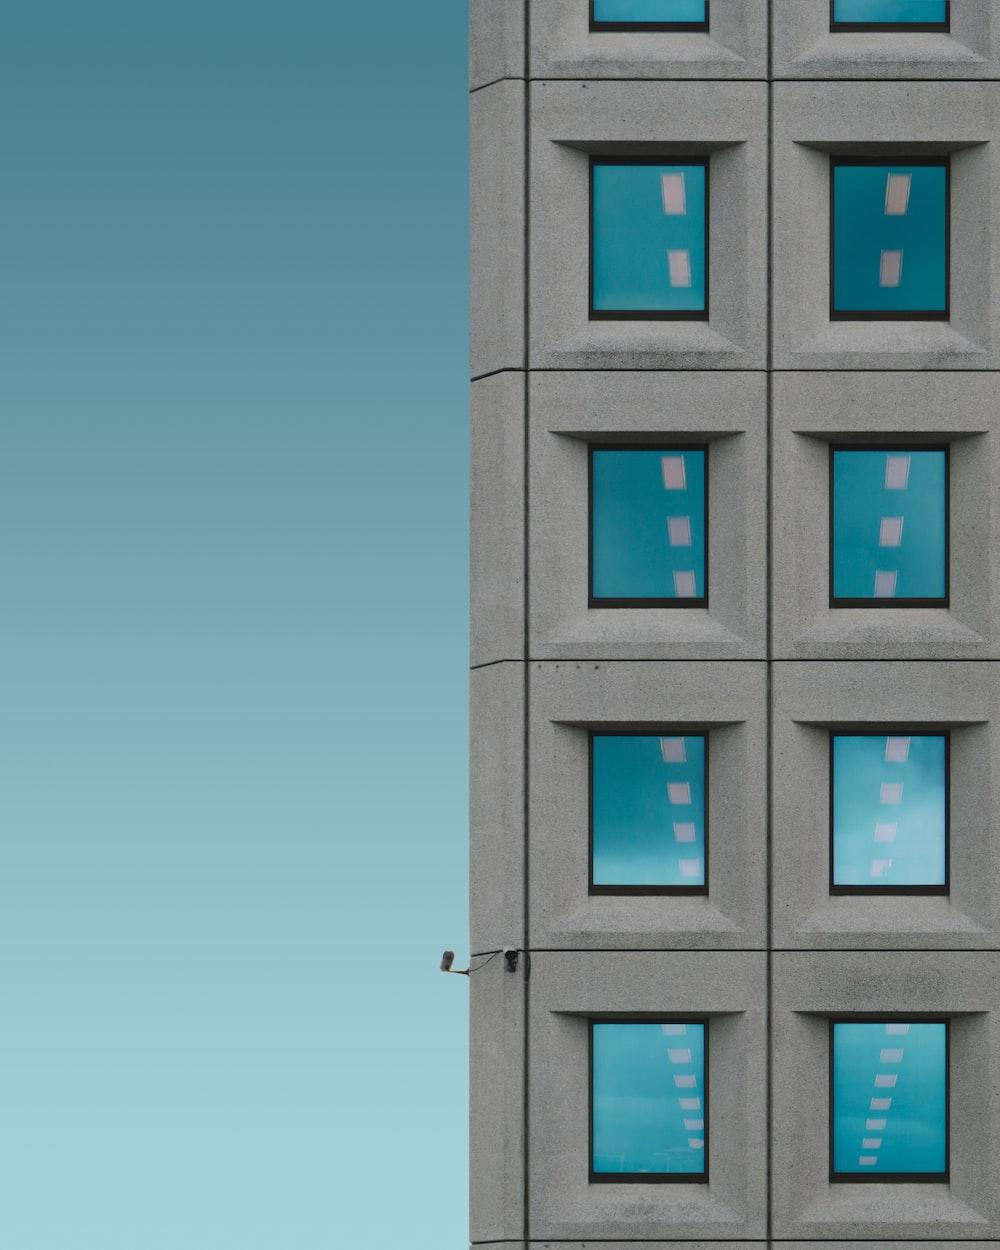 grey concrete building with security cameras